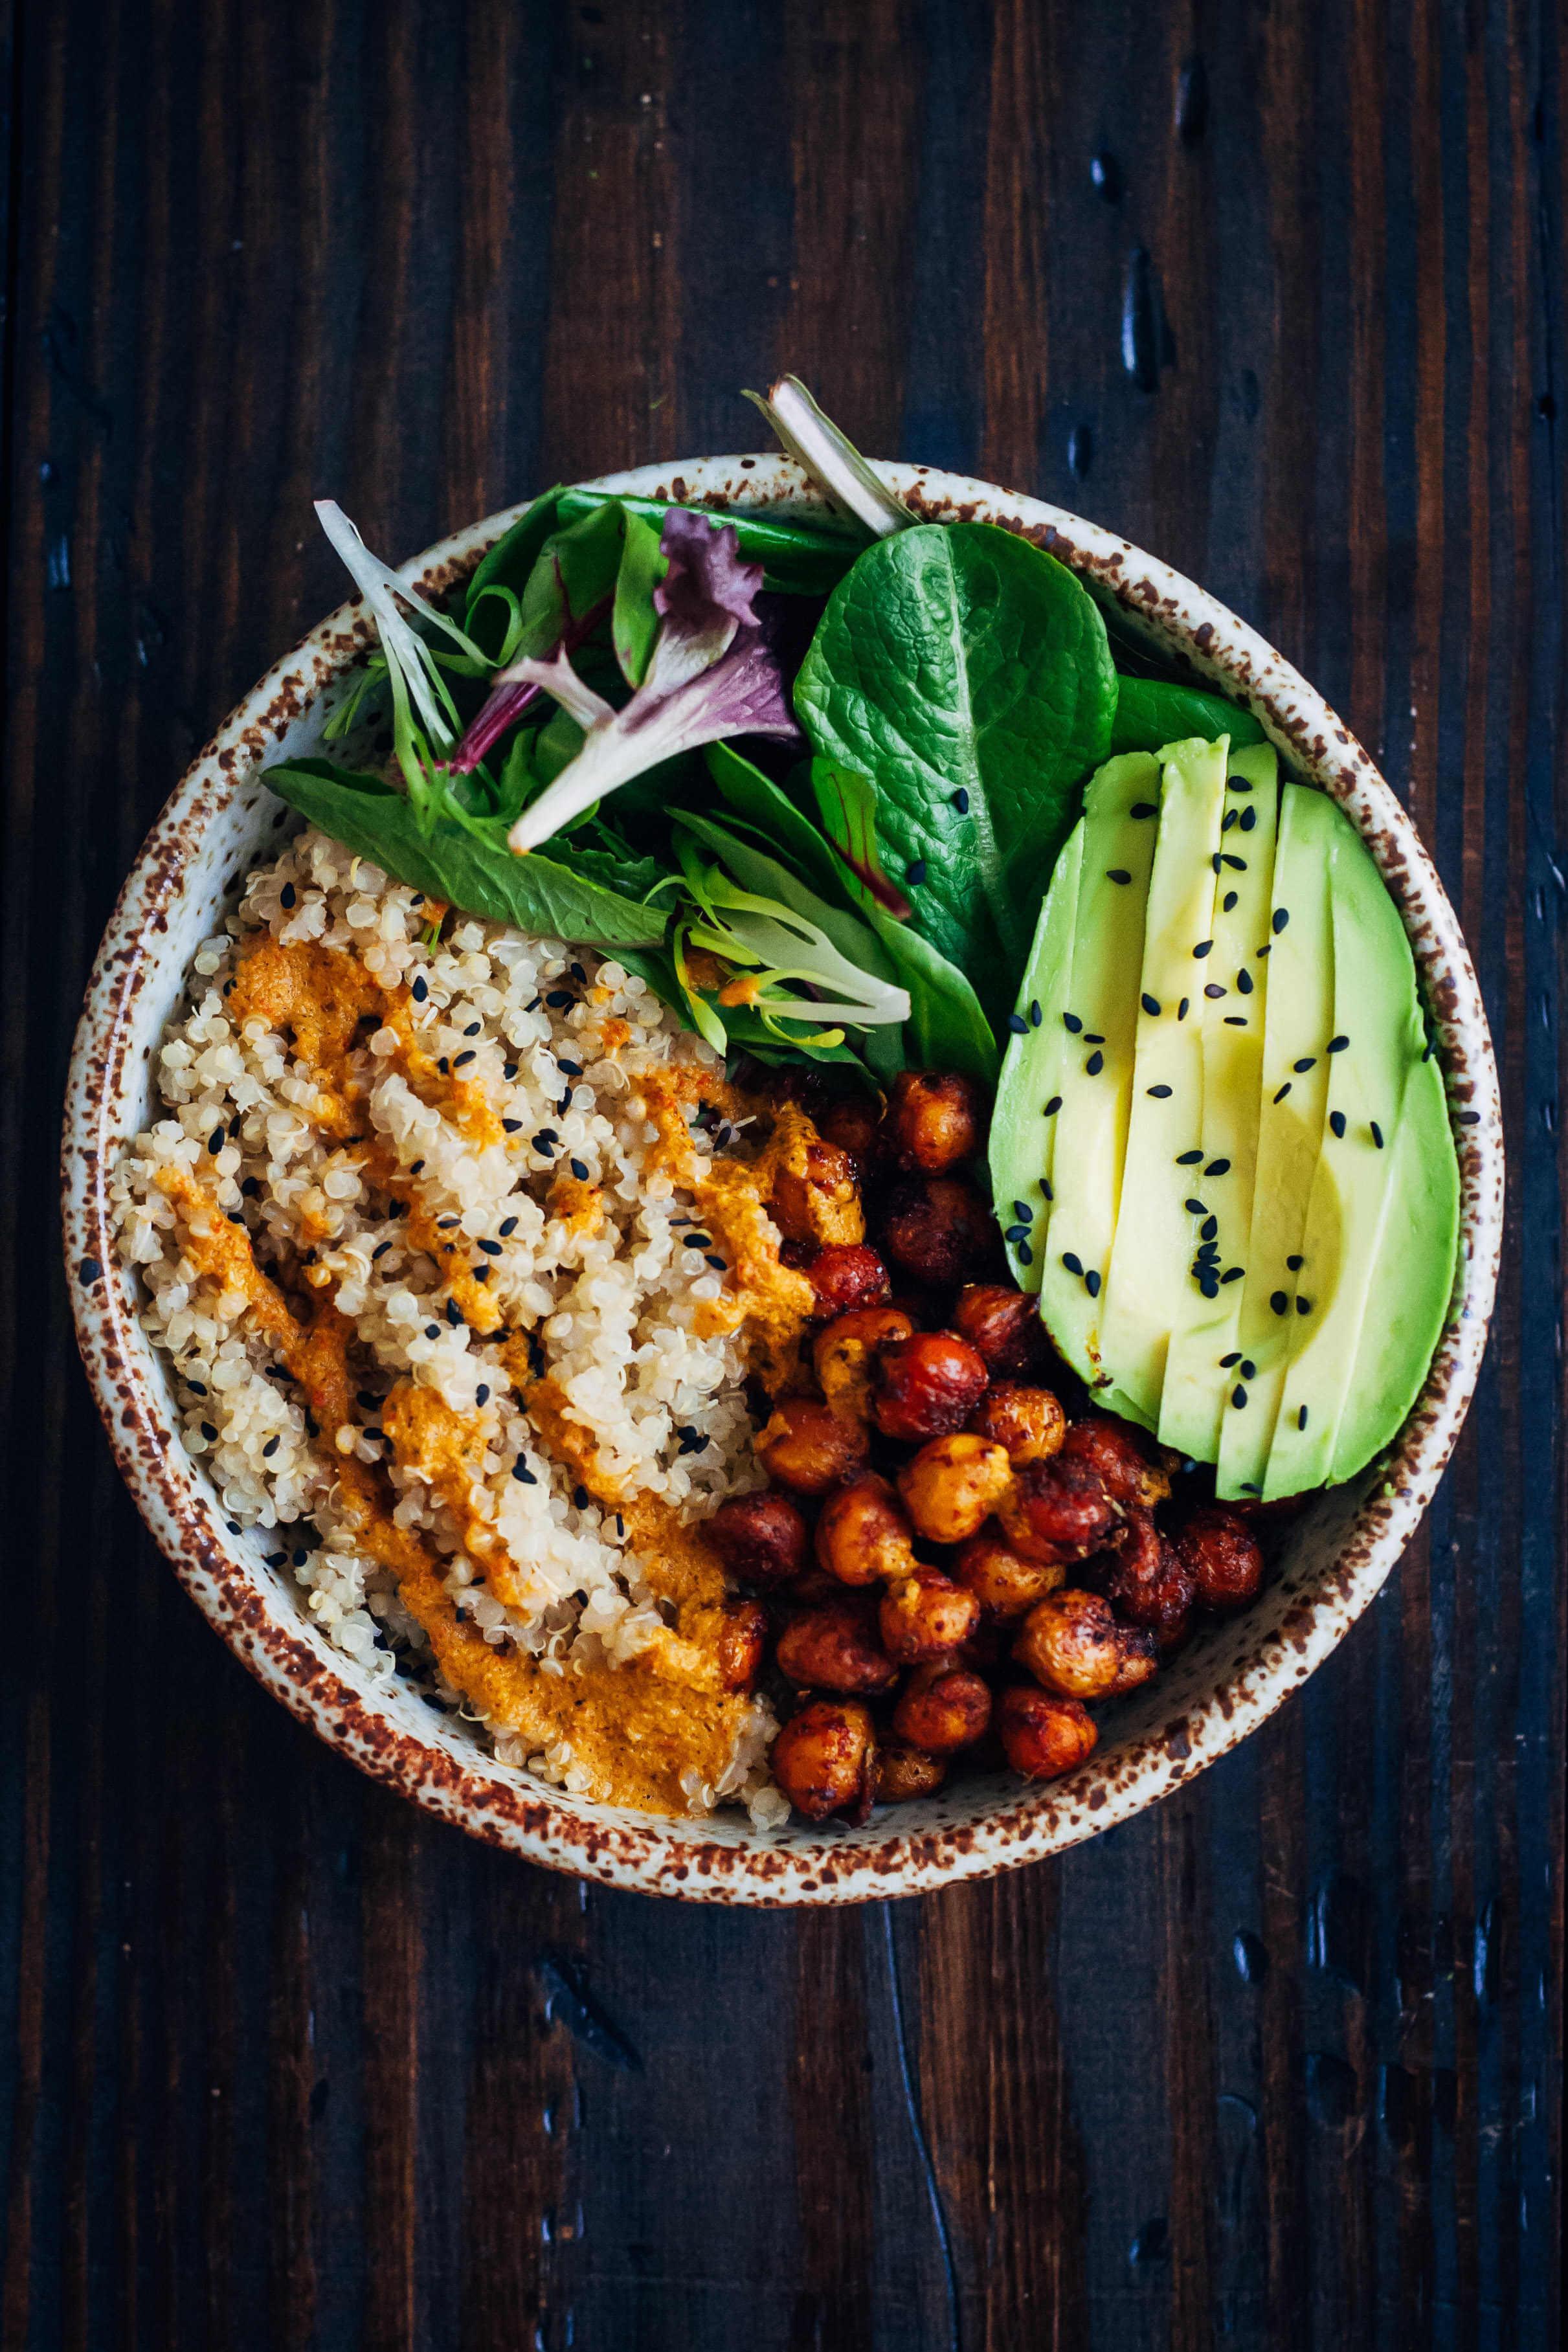 Easy Healthy Vegan Dinner Recipes  25 Vegan Dinner Recipes Easy Healthy Plant based